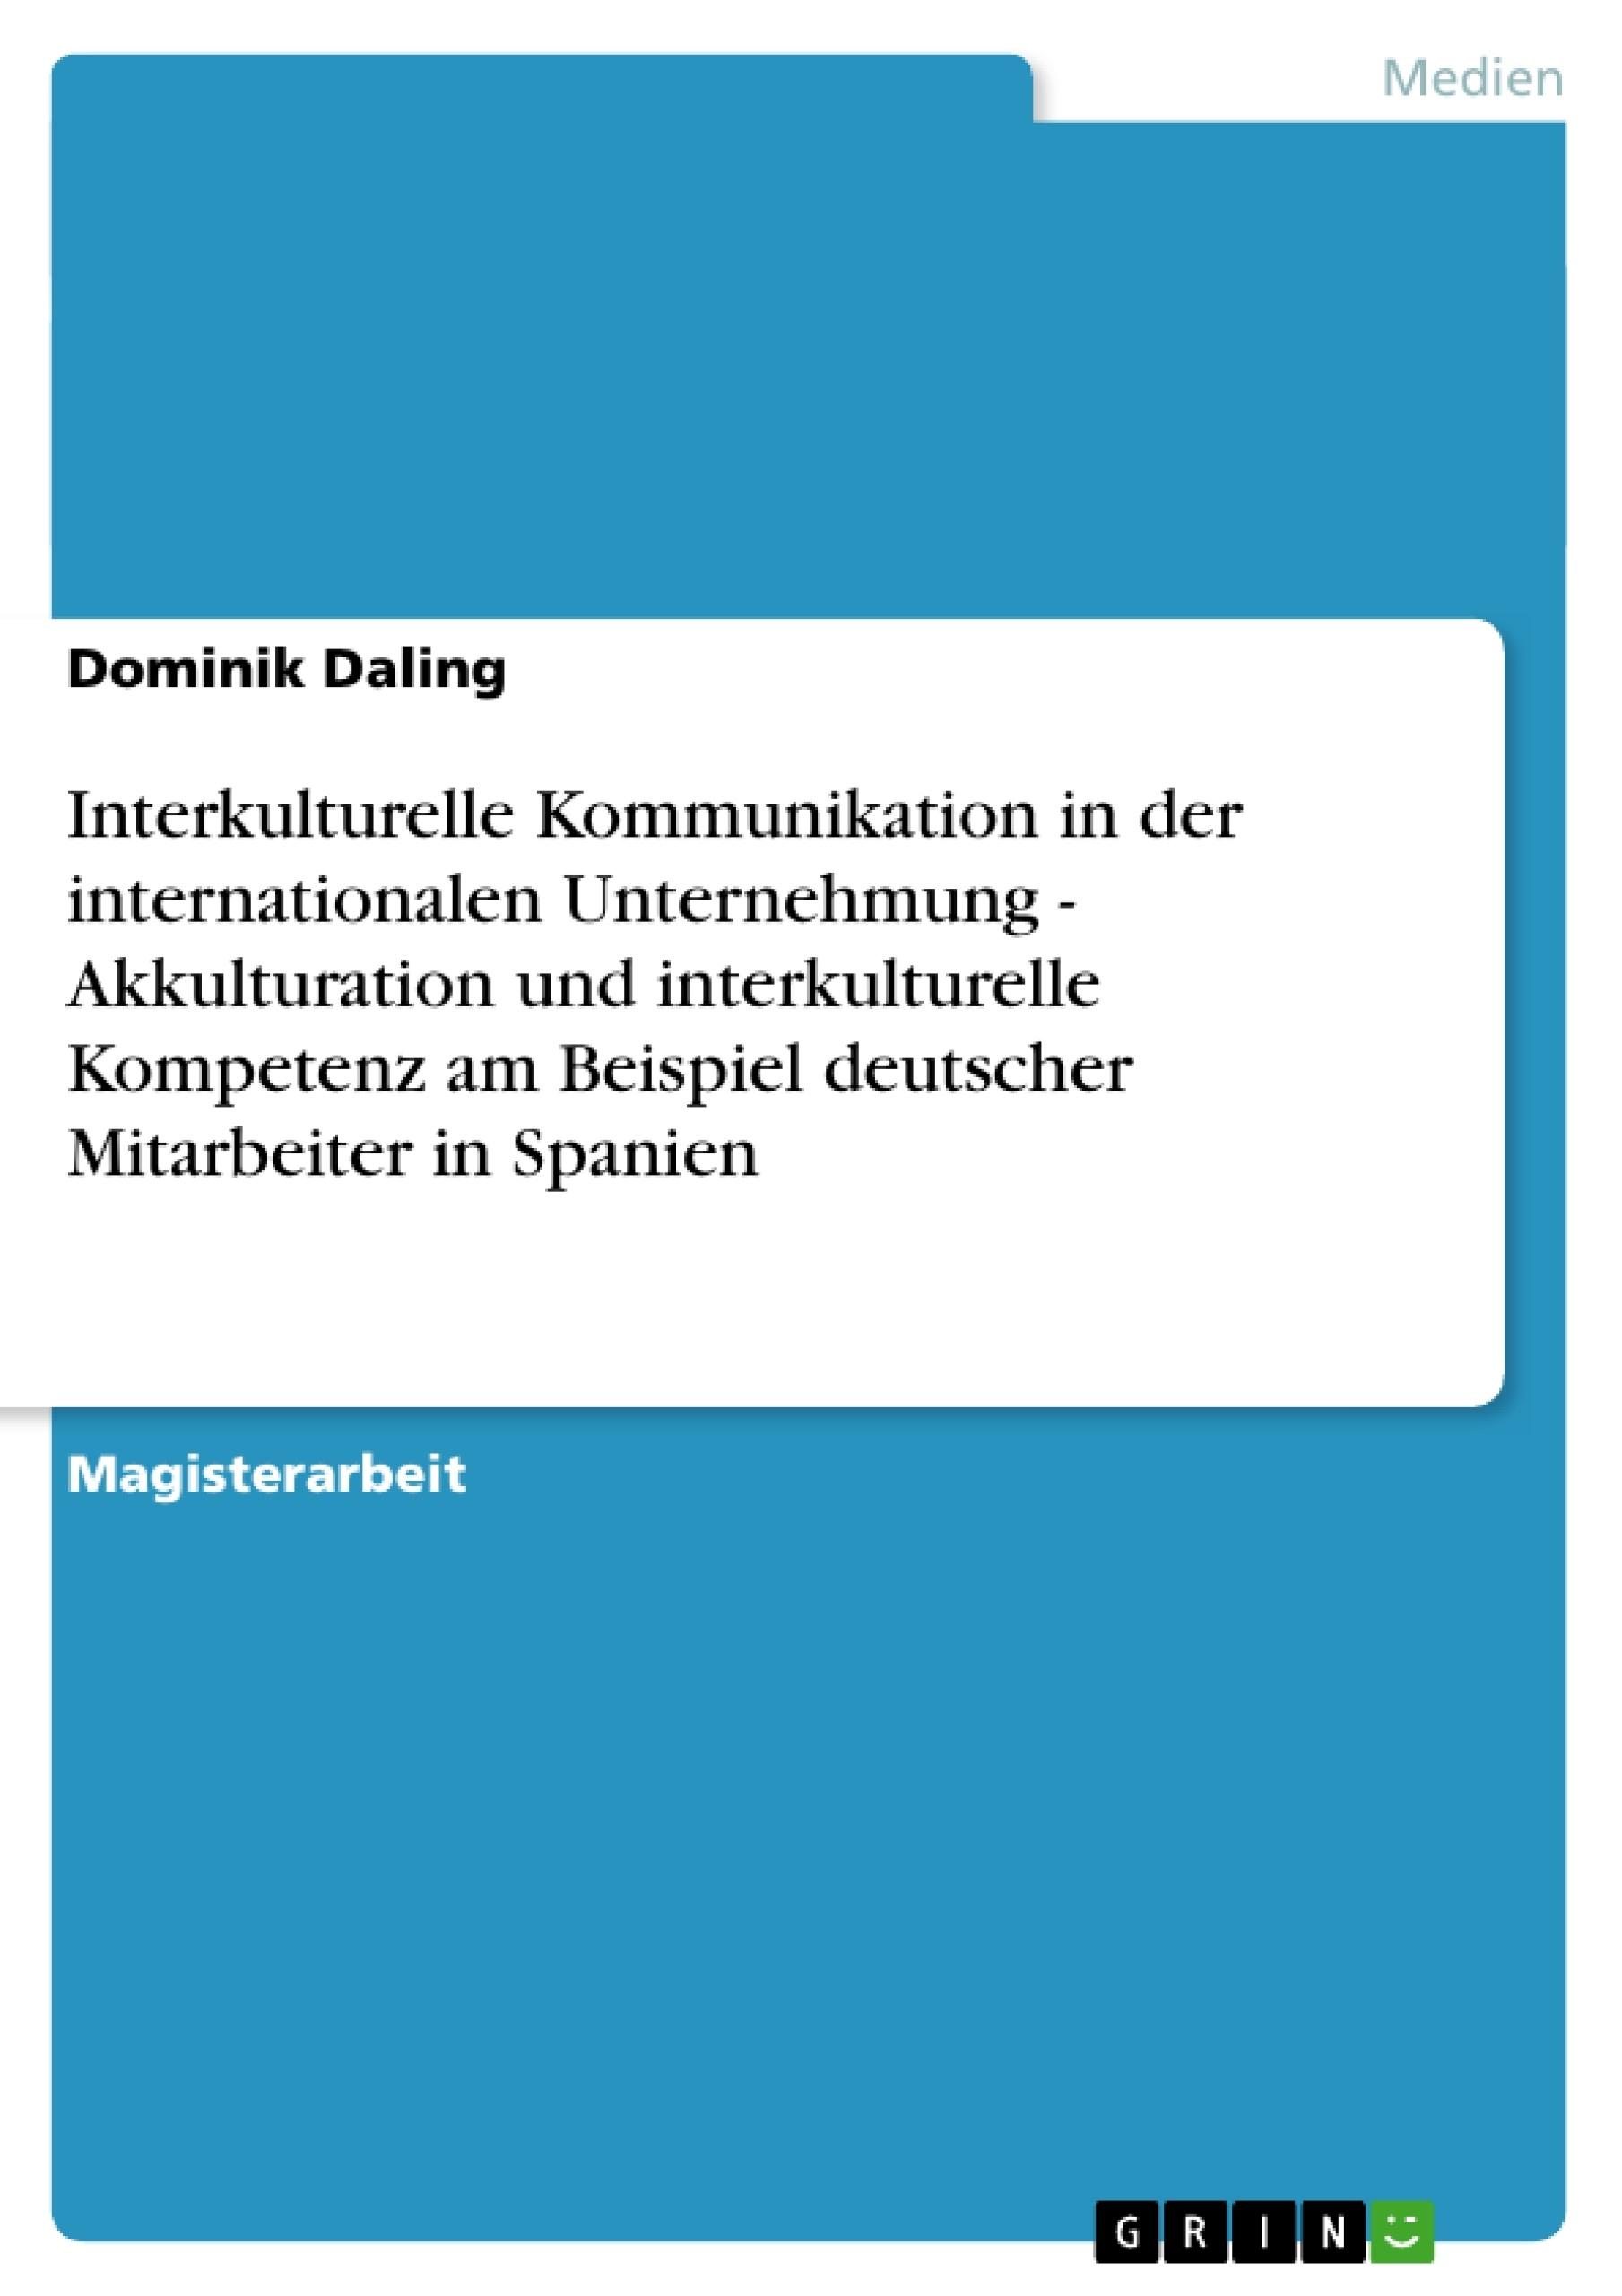 Titel: Interkulturelle Kommunikation in der internationalen Unternehmung - Akkulturation und interkulturelle Kompetenz am Beispiel deutscher Mitarbeiter in Spanien